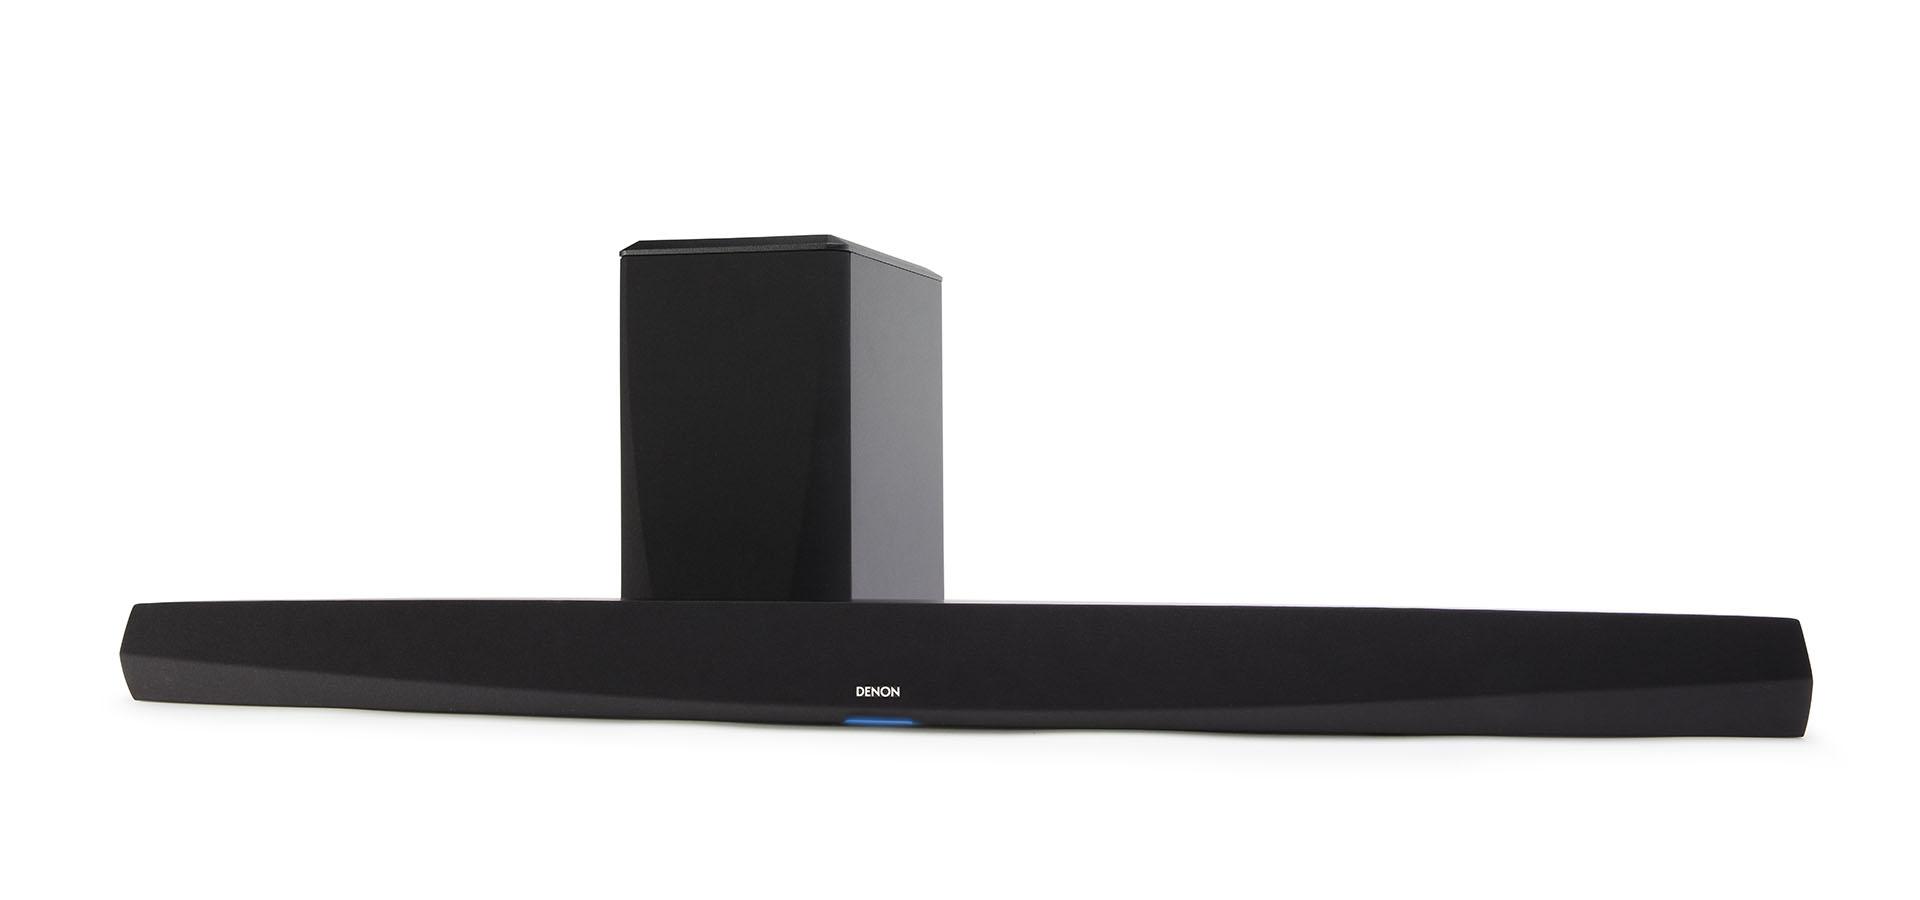 Denon DHT-S516H Soundbar mit drahtlosem Subwoofer und HEOS Built-In, schwarz (geprüfte Retoure)